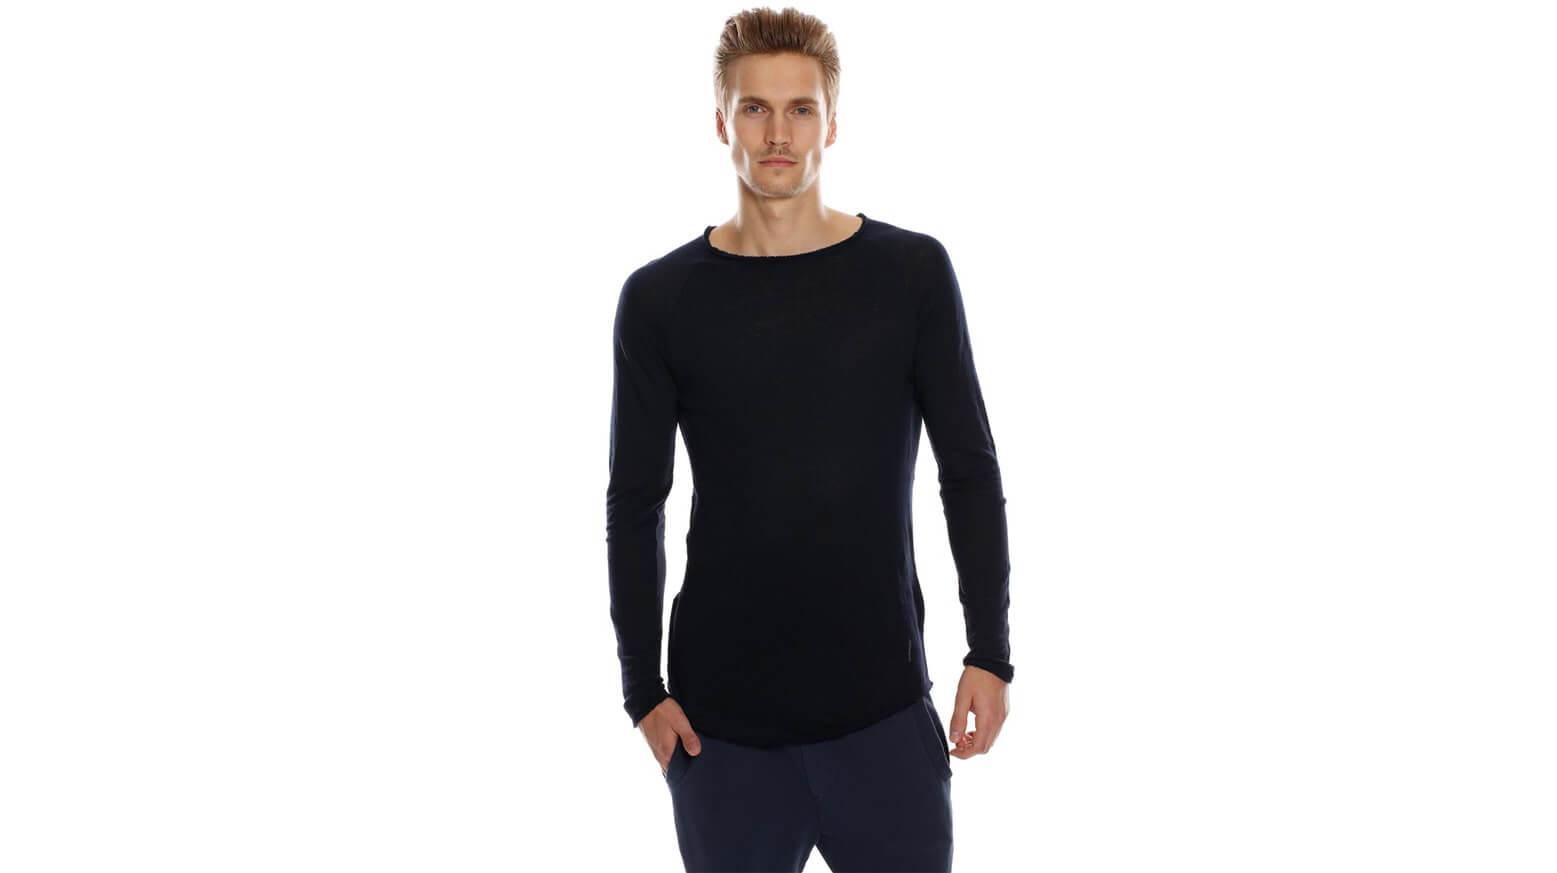 DRAKEWOOD Leinen Shirt Stefan Biergans